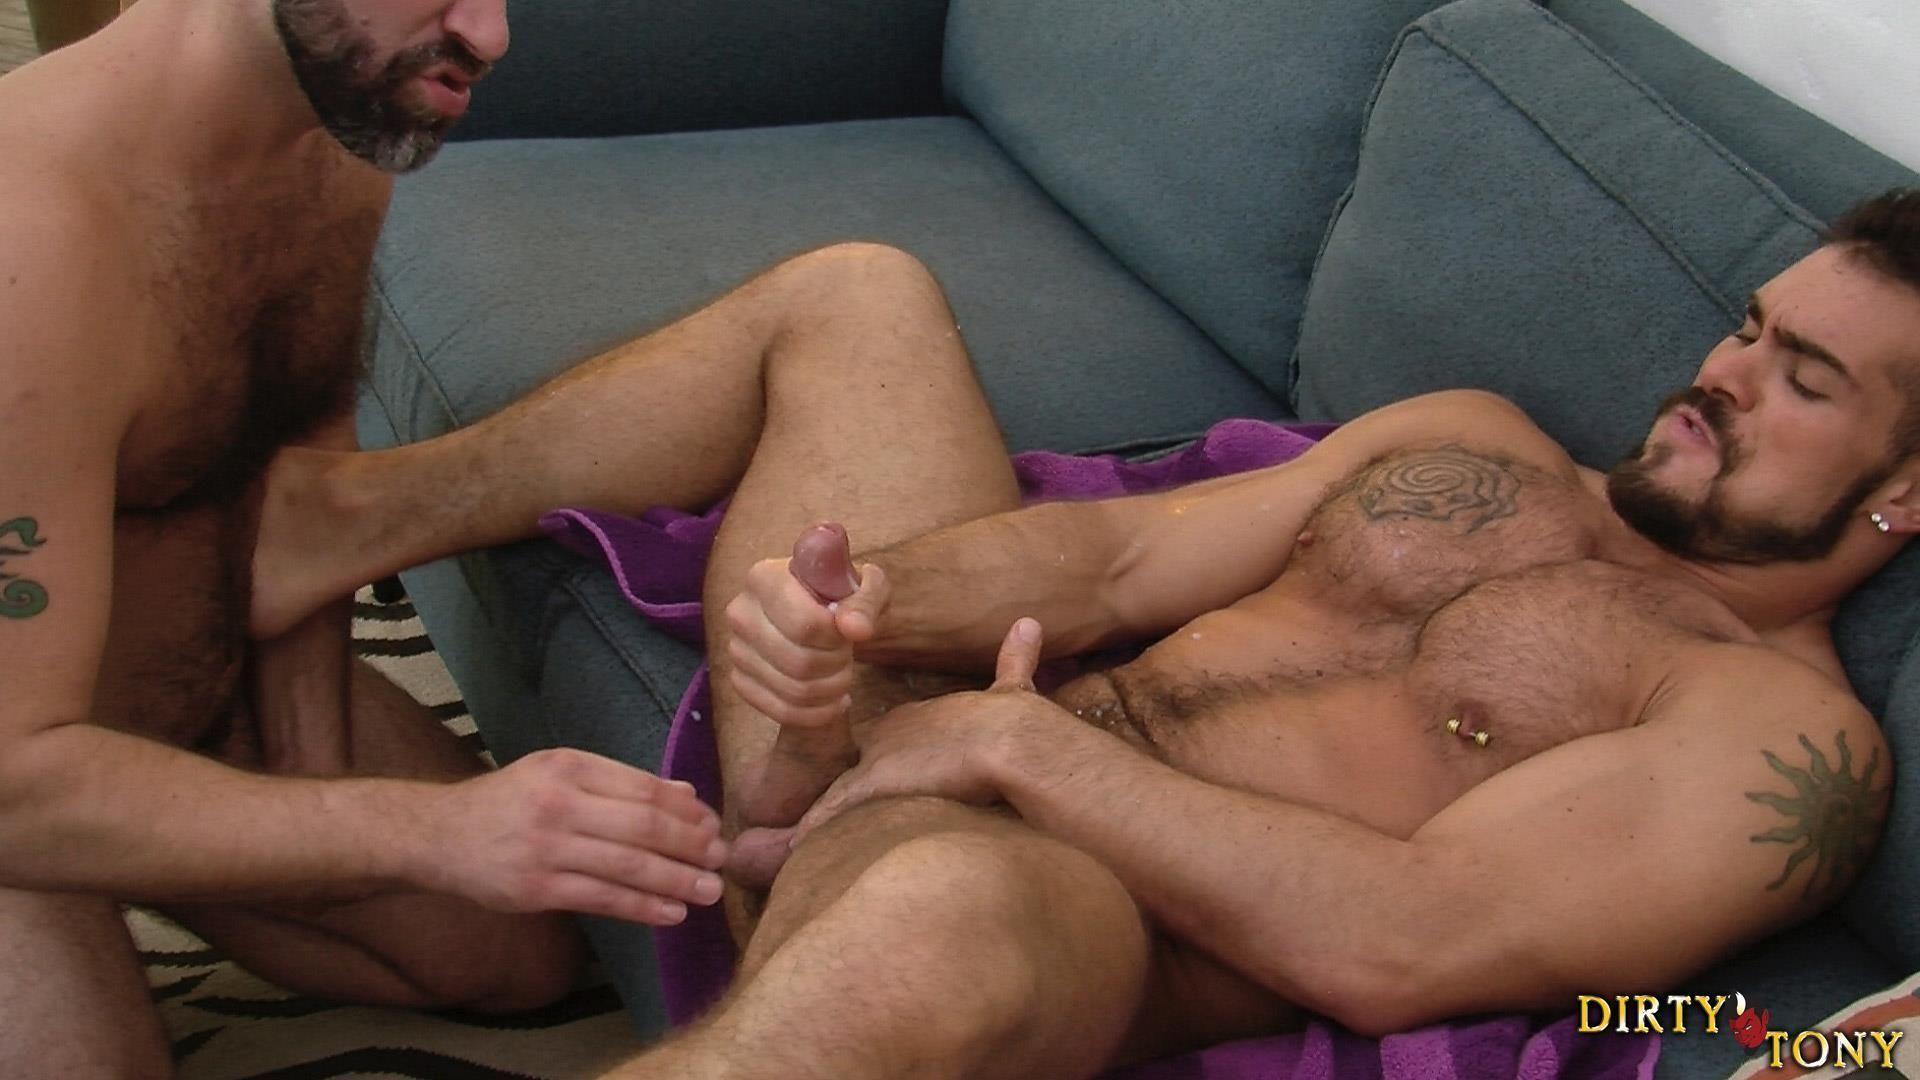 Gay Porno Image gay porno sex - random photo gallery. comments: 4